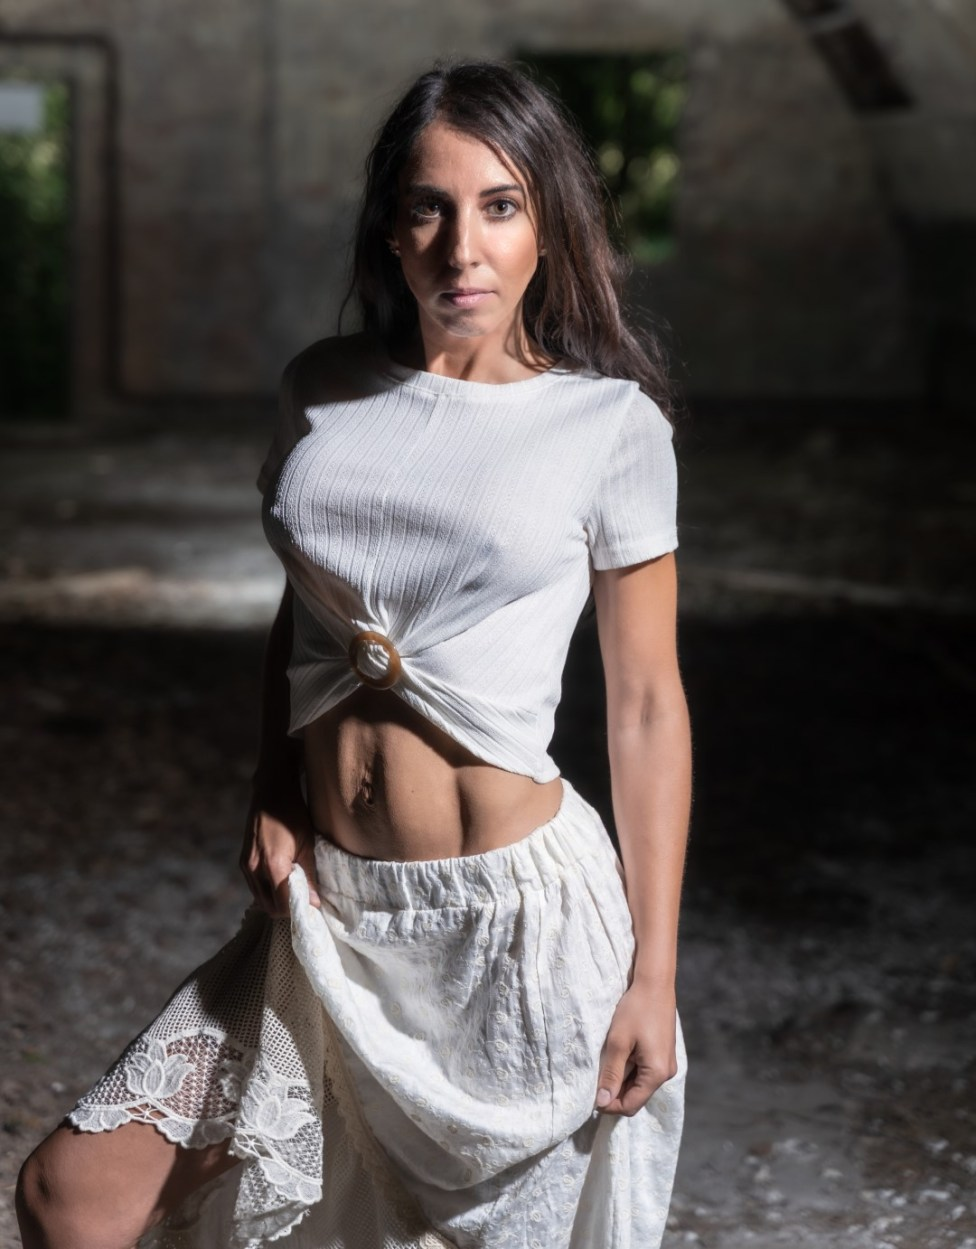 Sonya Rivenhall June 2020 (6)